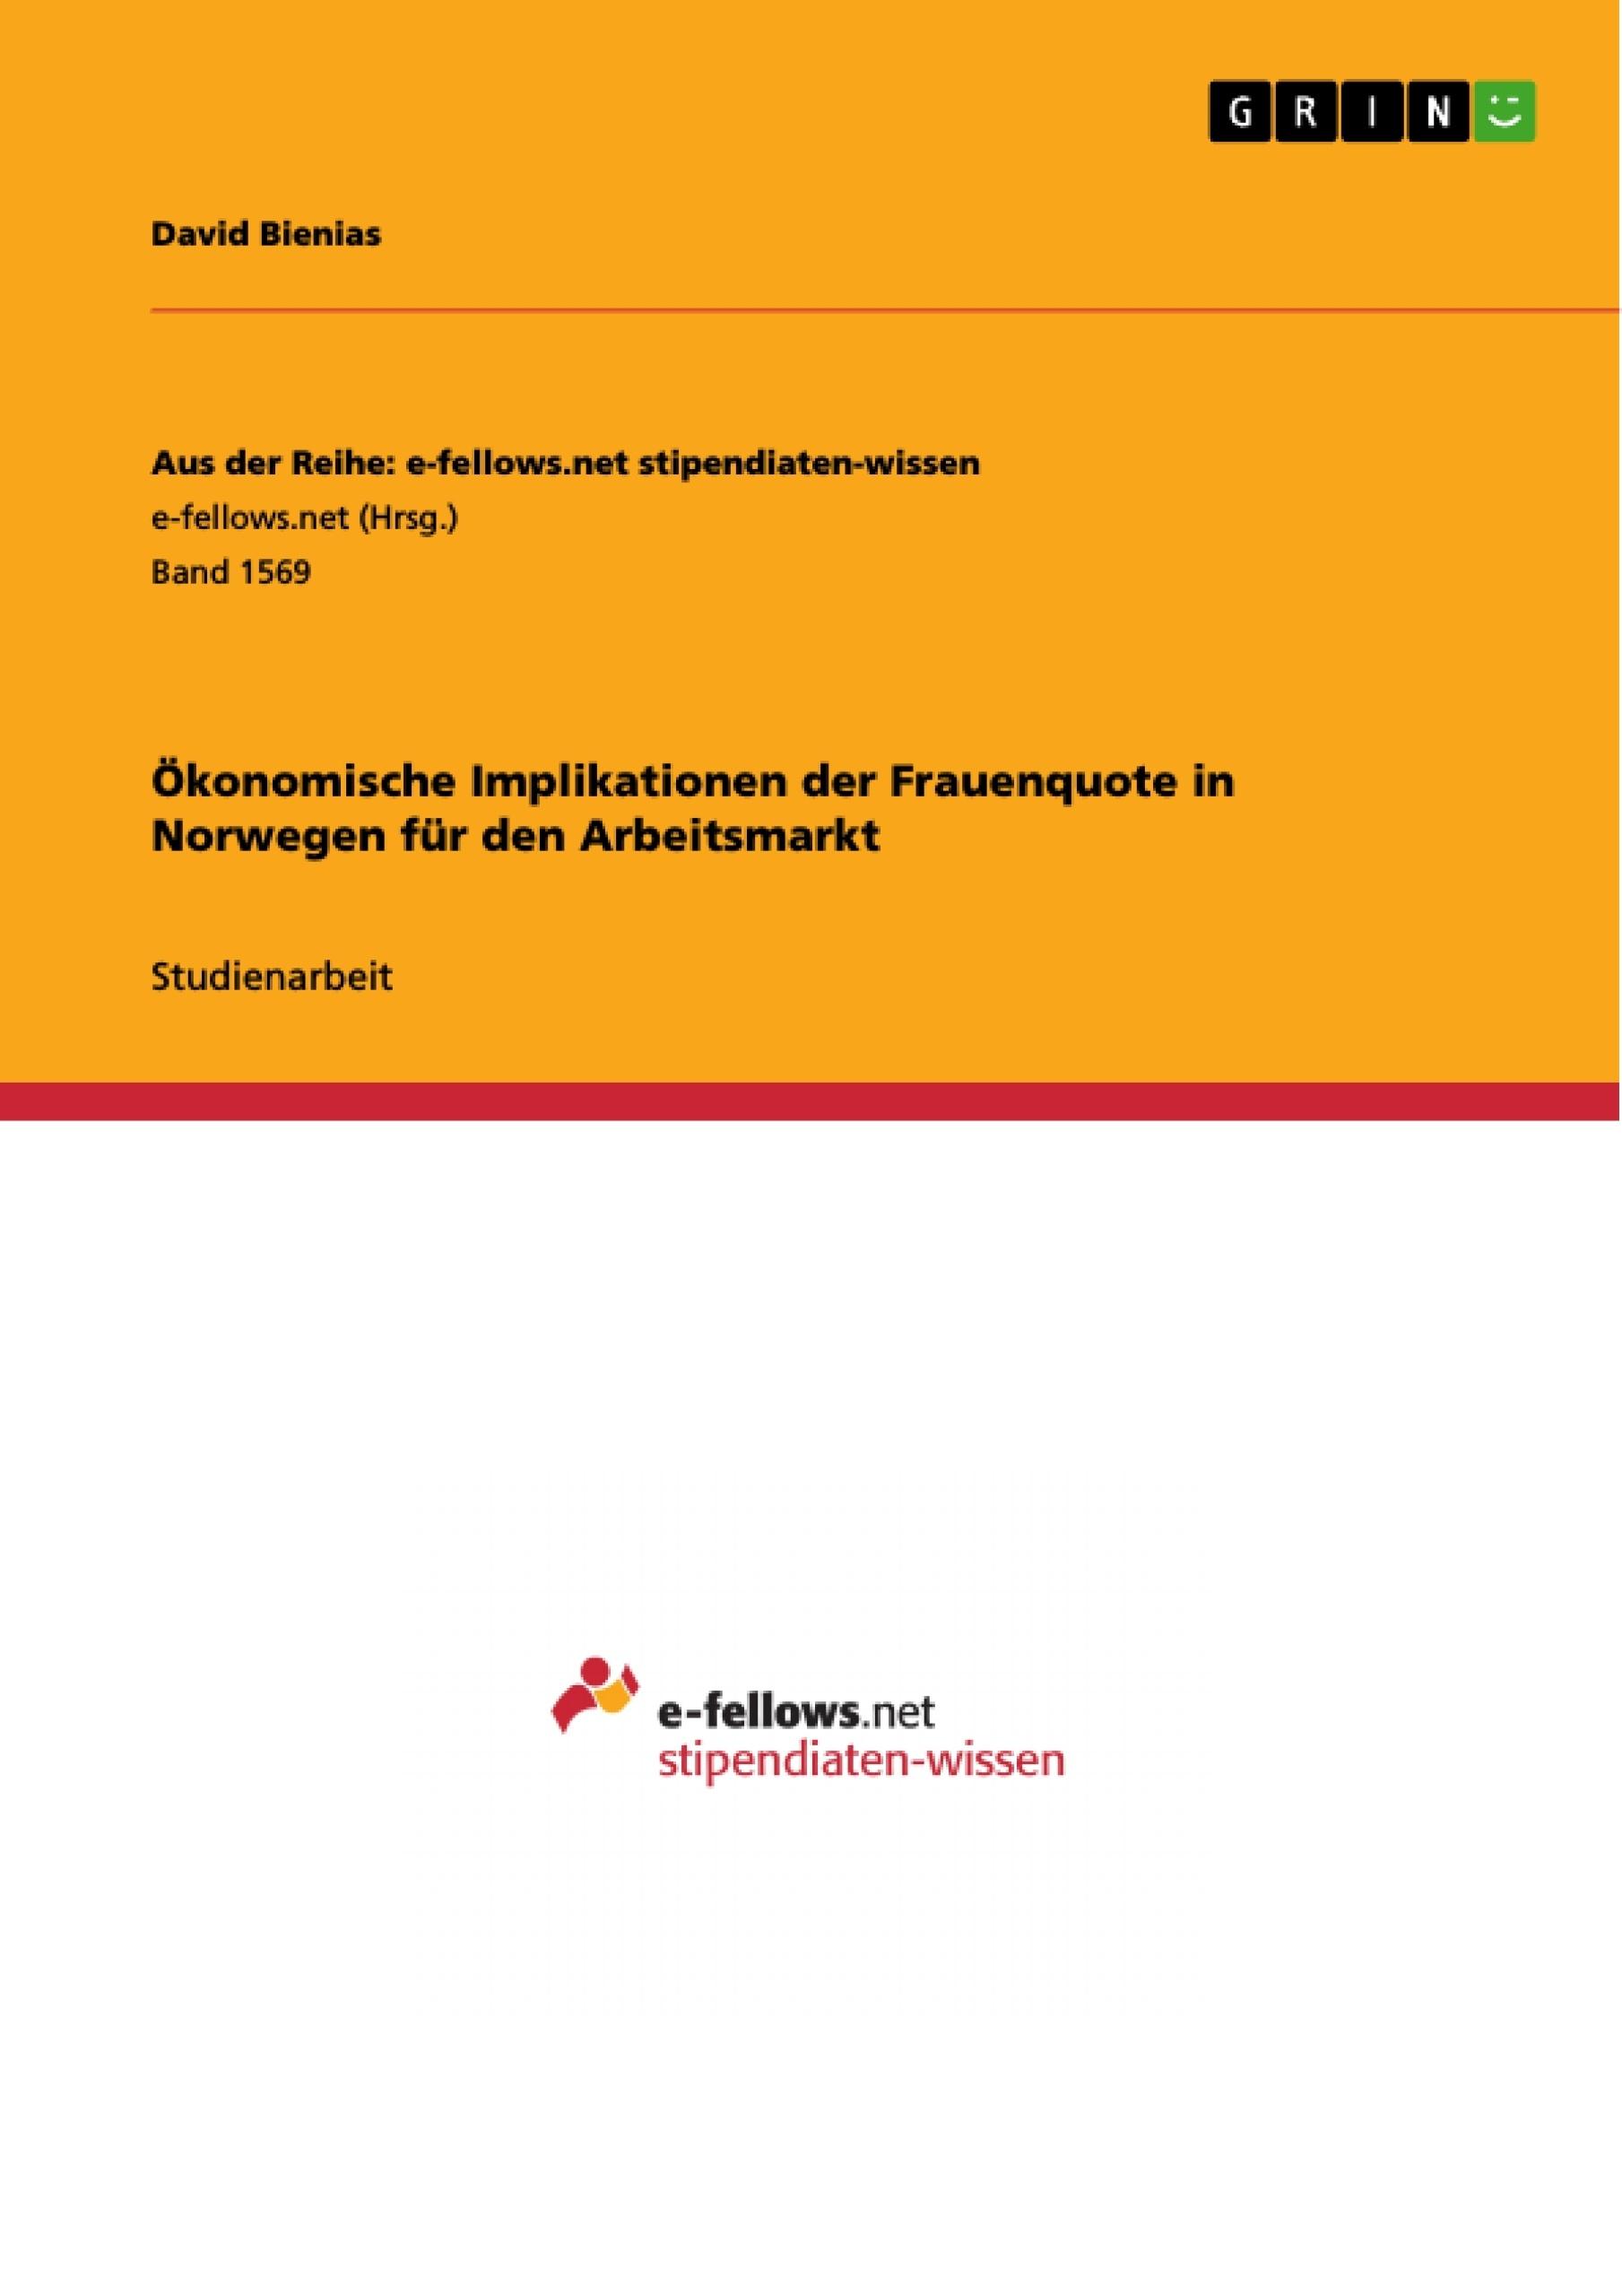 Titel: Ökonomische Implikationen der Frauenquote in Norwegen für den Arbeitsmarkt